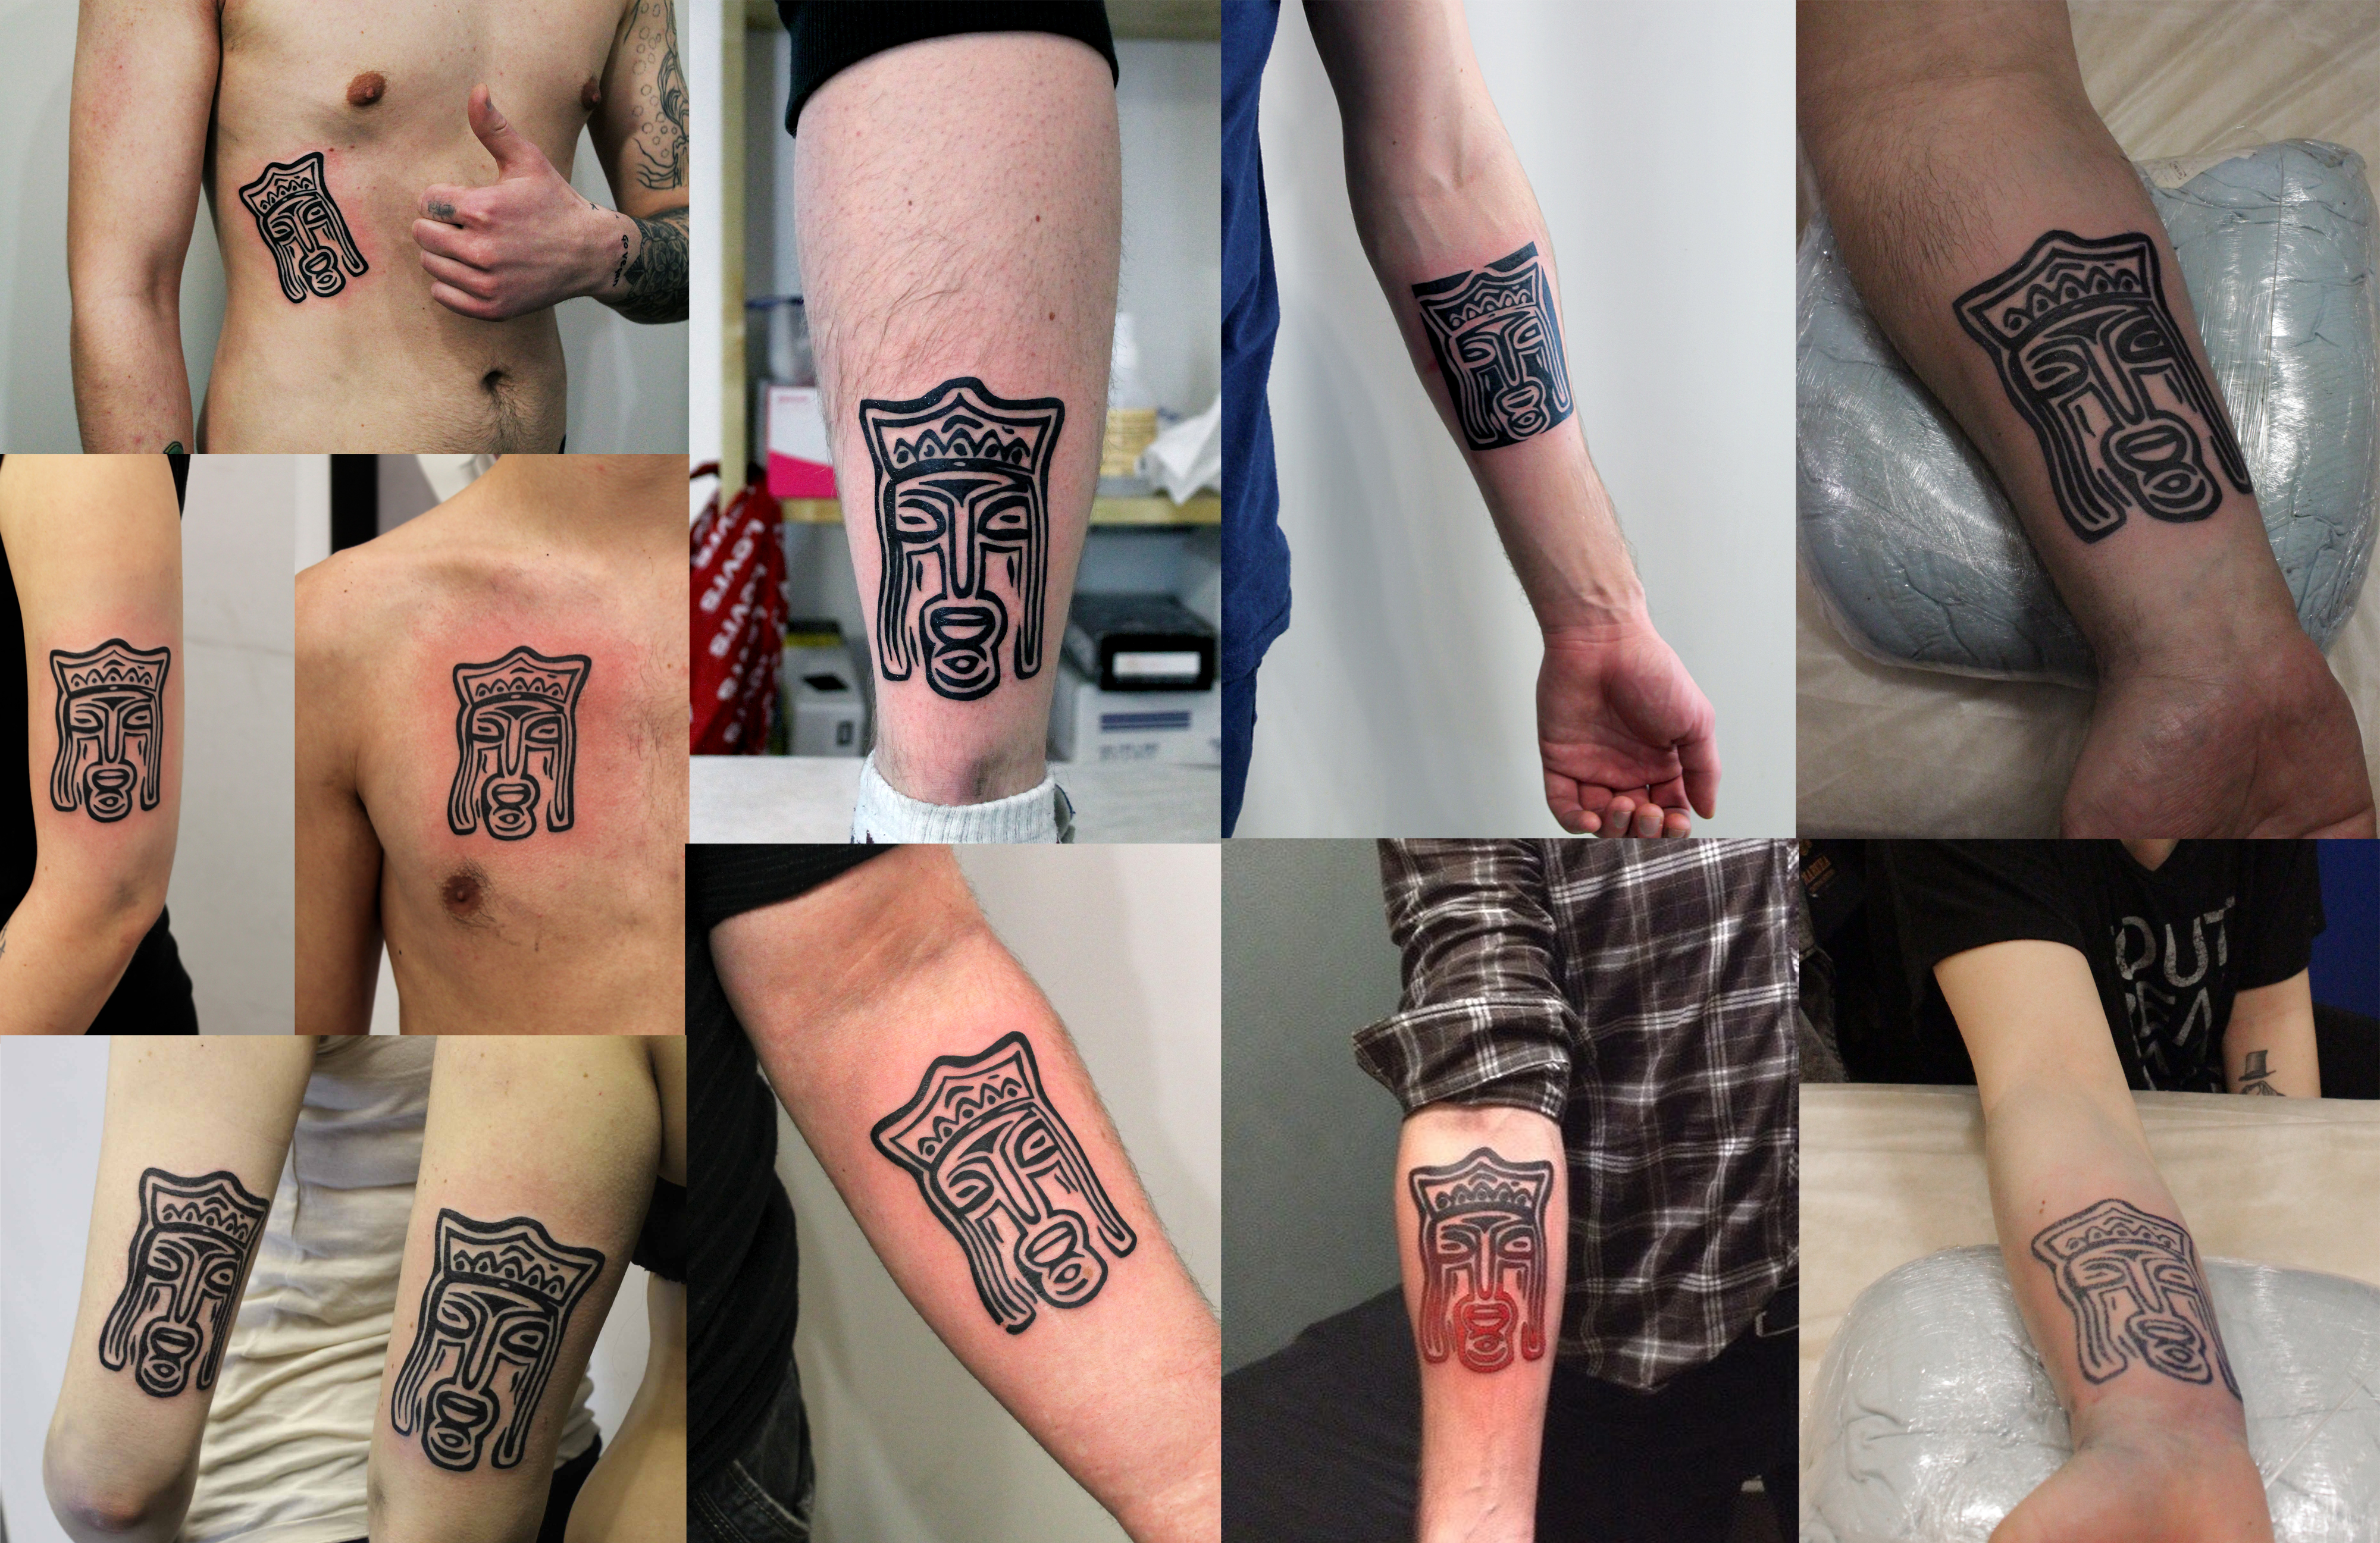 """Не так давно в сети наших студий """"Maruha"""" прошла акция: бесплатная татуировка с изображением лого """"Maruha"""". Предоставляем Вашему вниманию отчетное фото. Желающих оказалось много. Спасибо, что Вы с нами! Мы Вас любим!"""